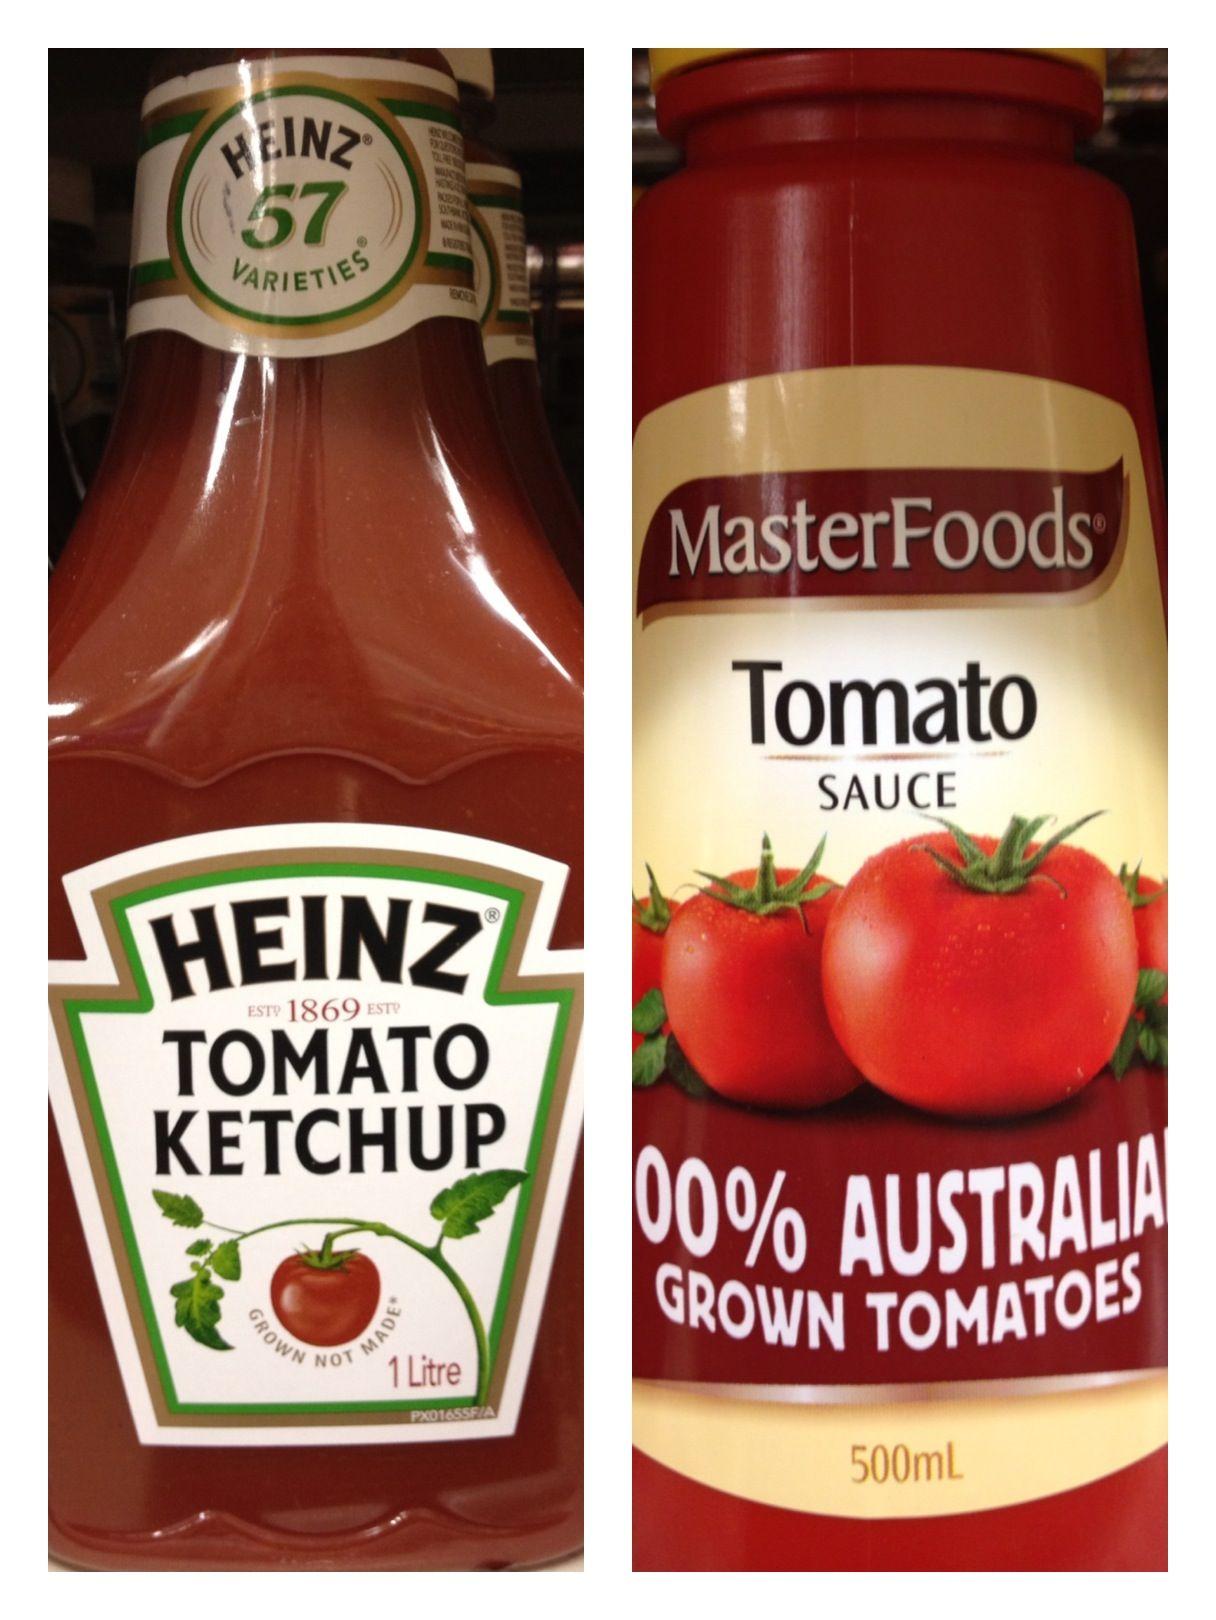 Australia Has Toe Mah Toe Sauce Americans Have Toe May Toe Ketchup Ketchup Growing Tomatoes Food